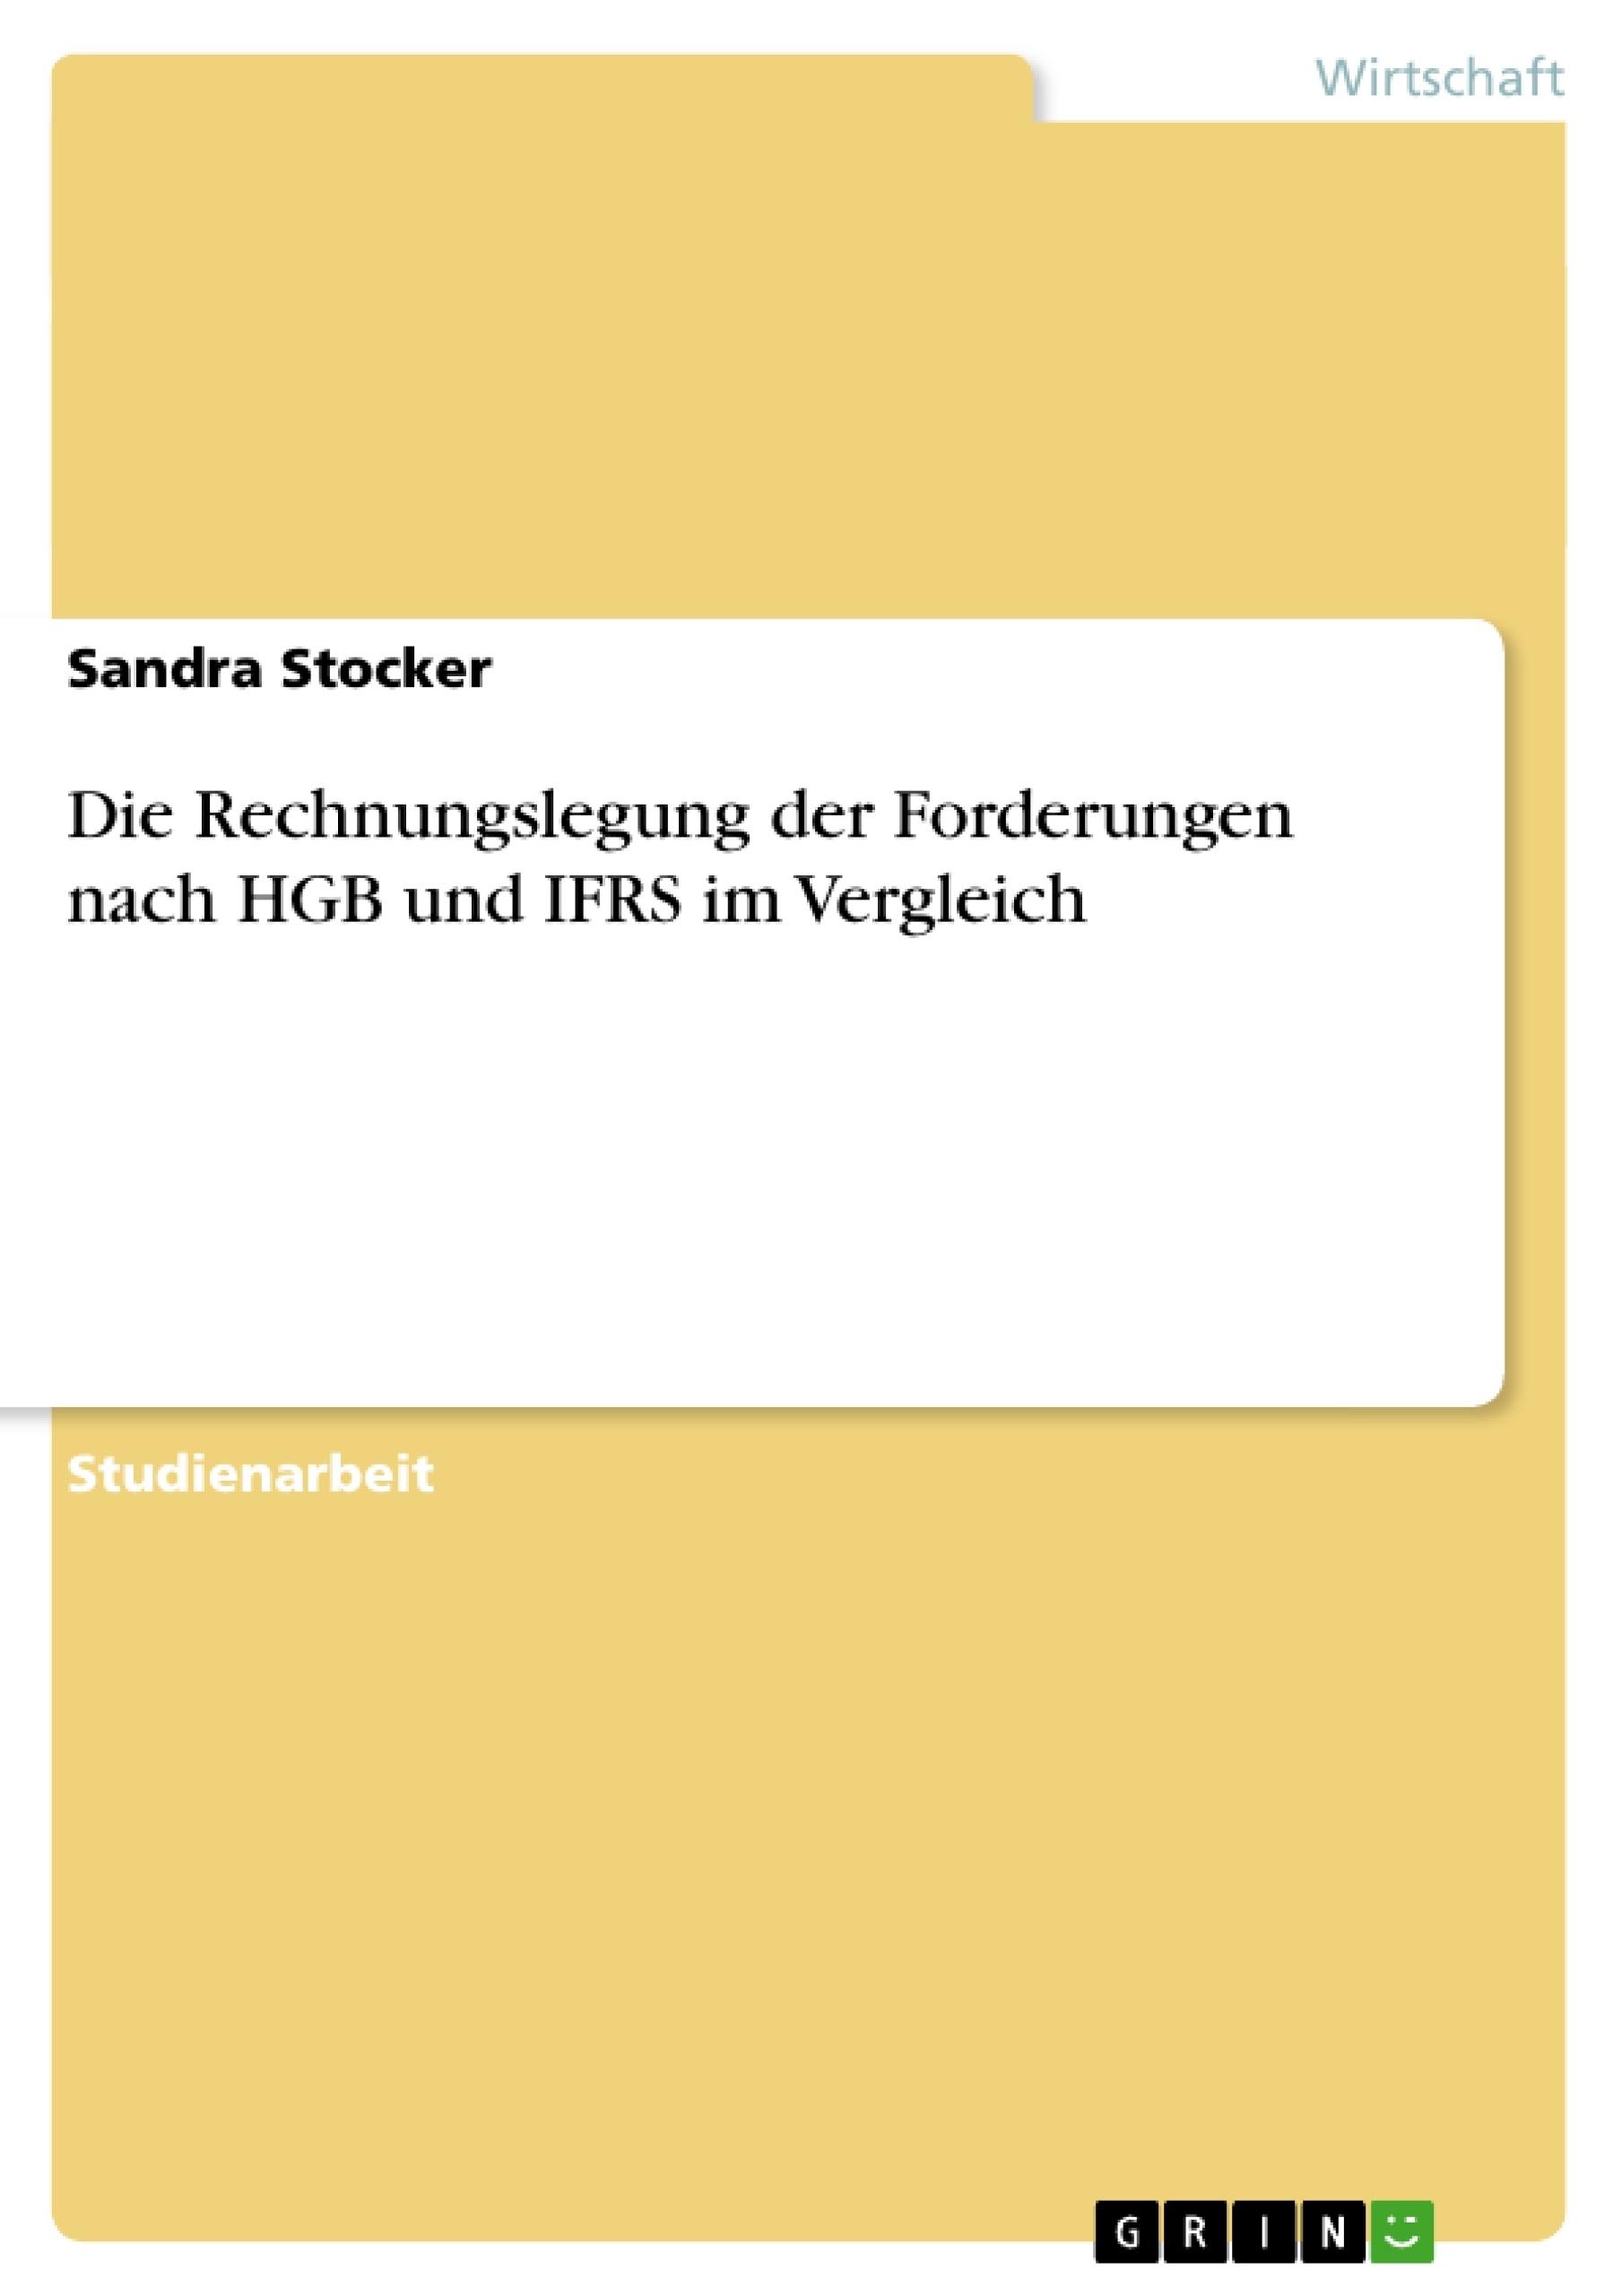 Titel: Die Rechnungslegung der Forderungen nach HGB und IFRS im Vergleich